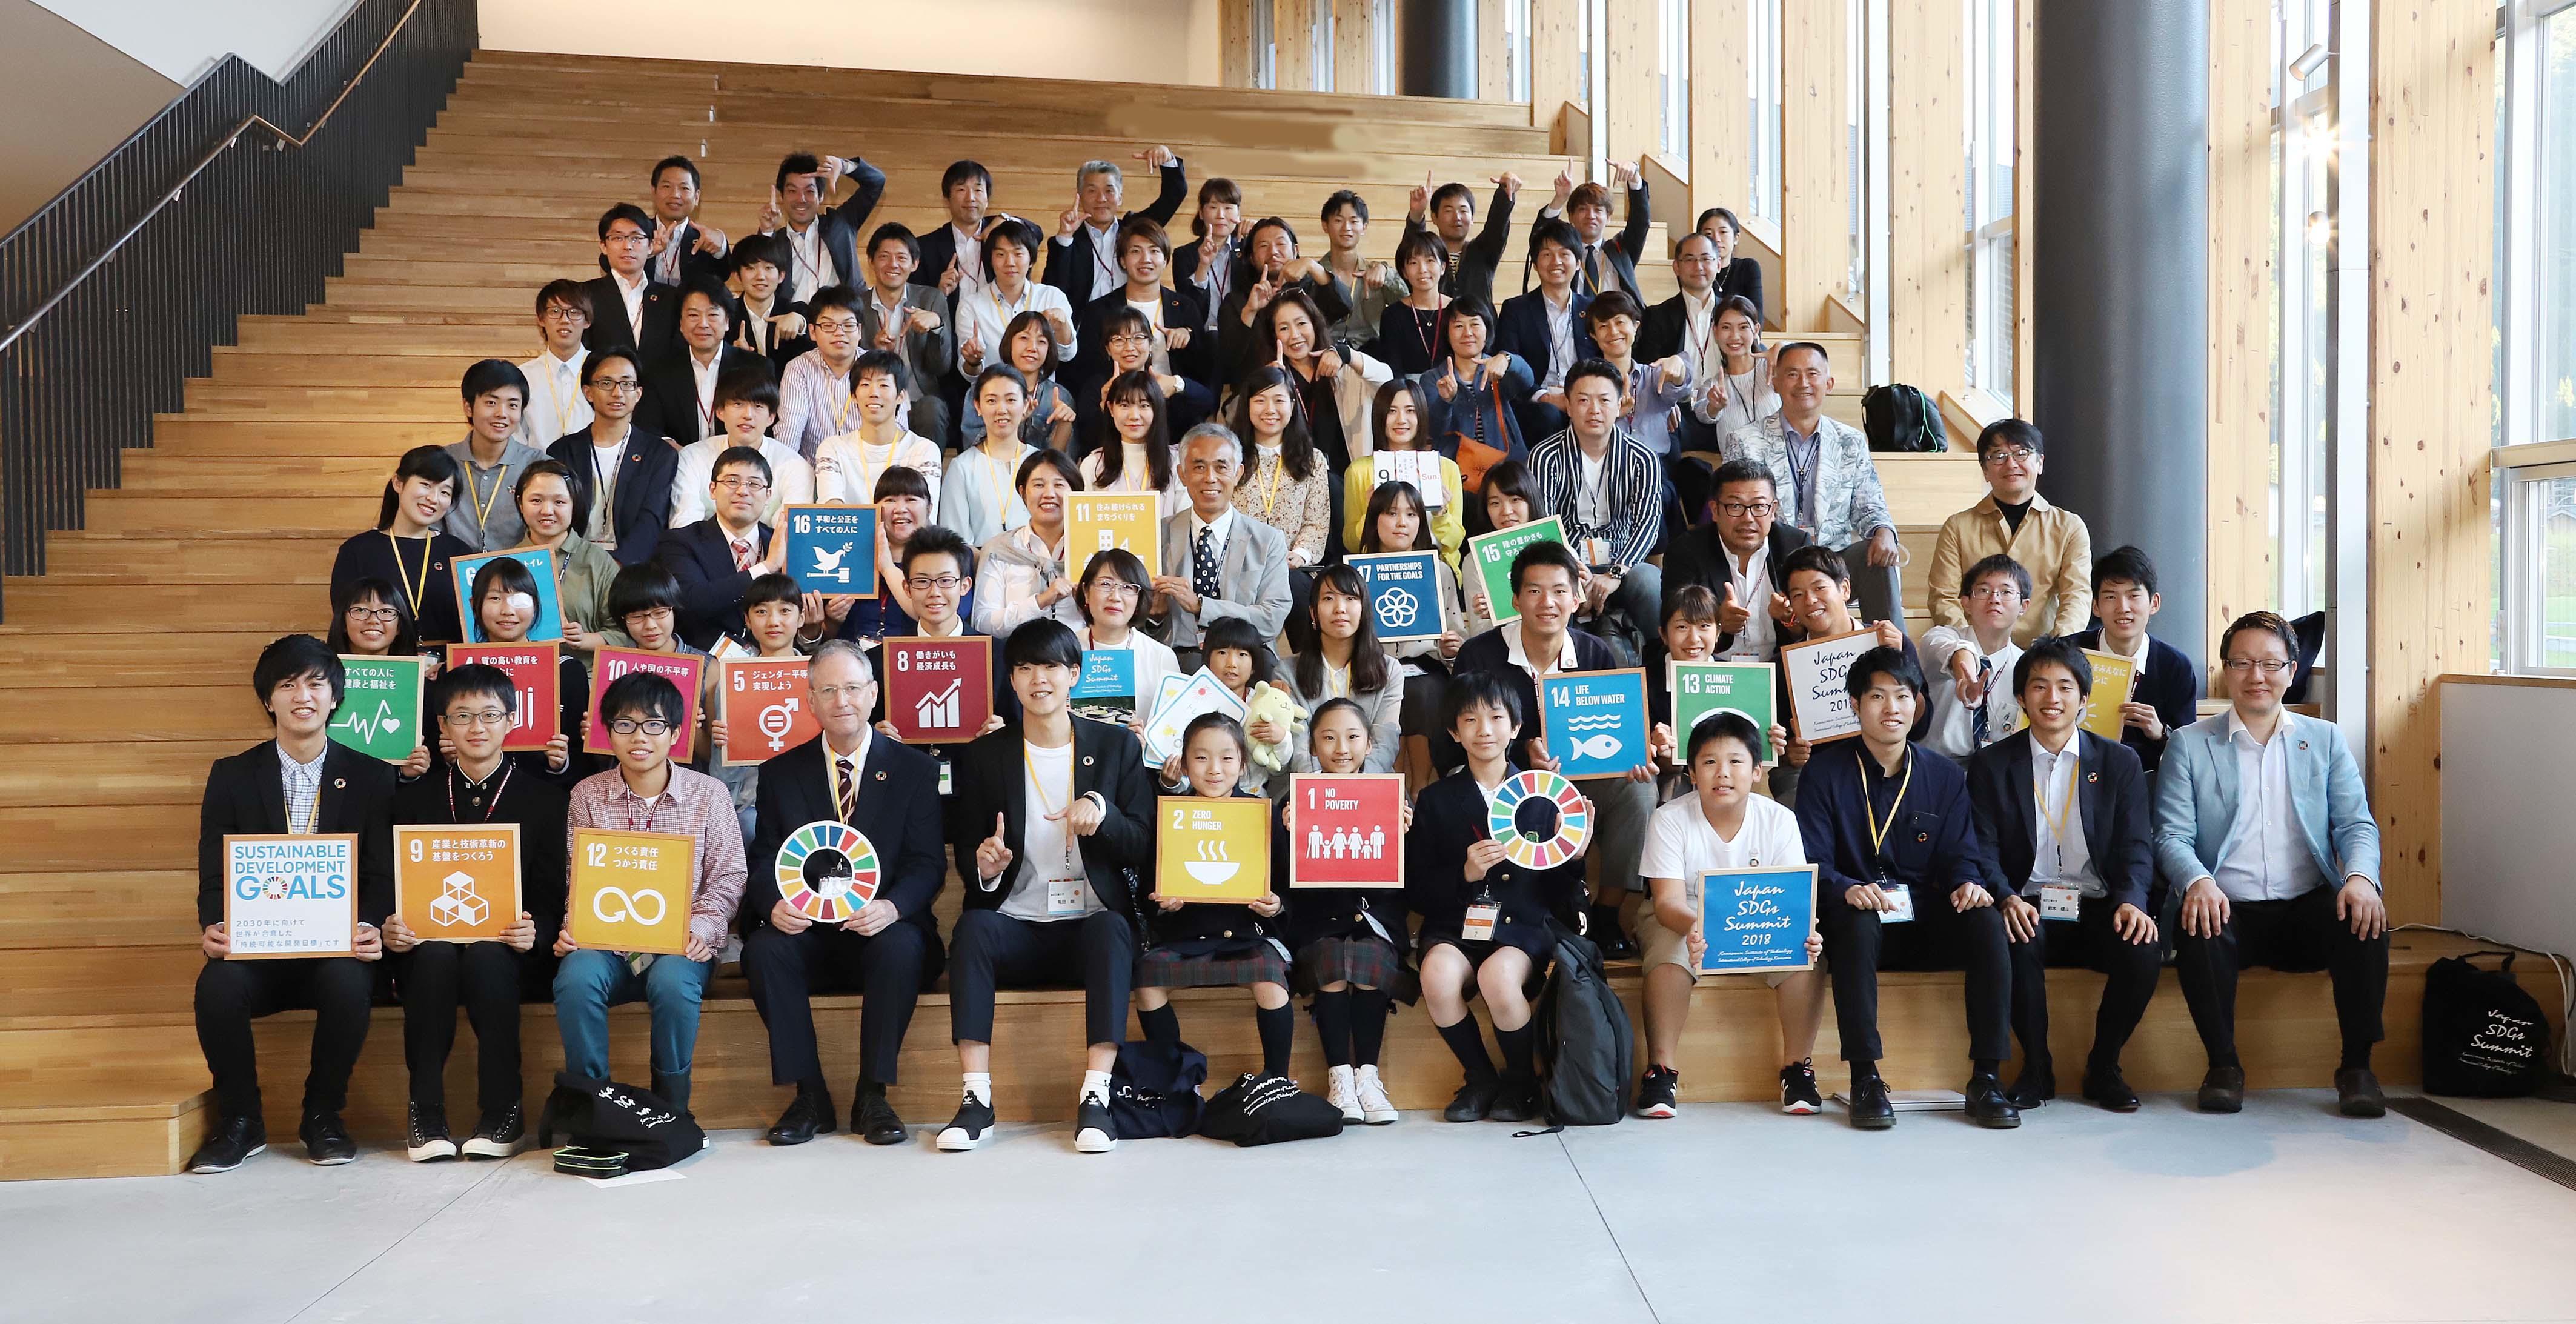 「第2回ジャパンSDGsサミット」(主催:金沢工業大学)を8月1日(木)、2日(金)に開催。SDGs推進団体が最前線の取り組みを共有。2日目はユースサミットも開催。次世代を担う小・中・高・大学生一人ひとりが行動に移すきっかけに。